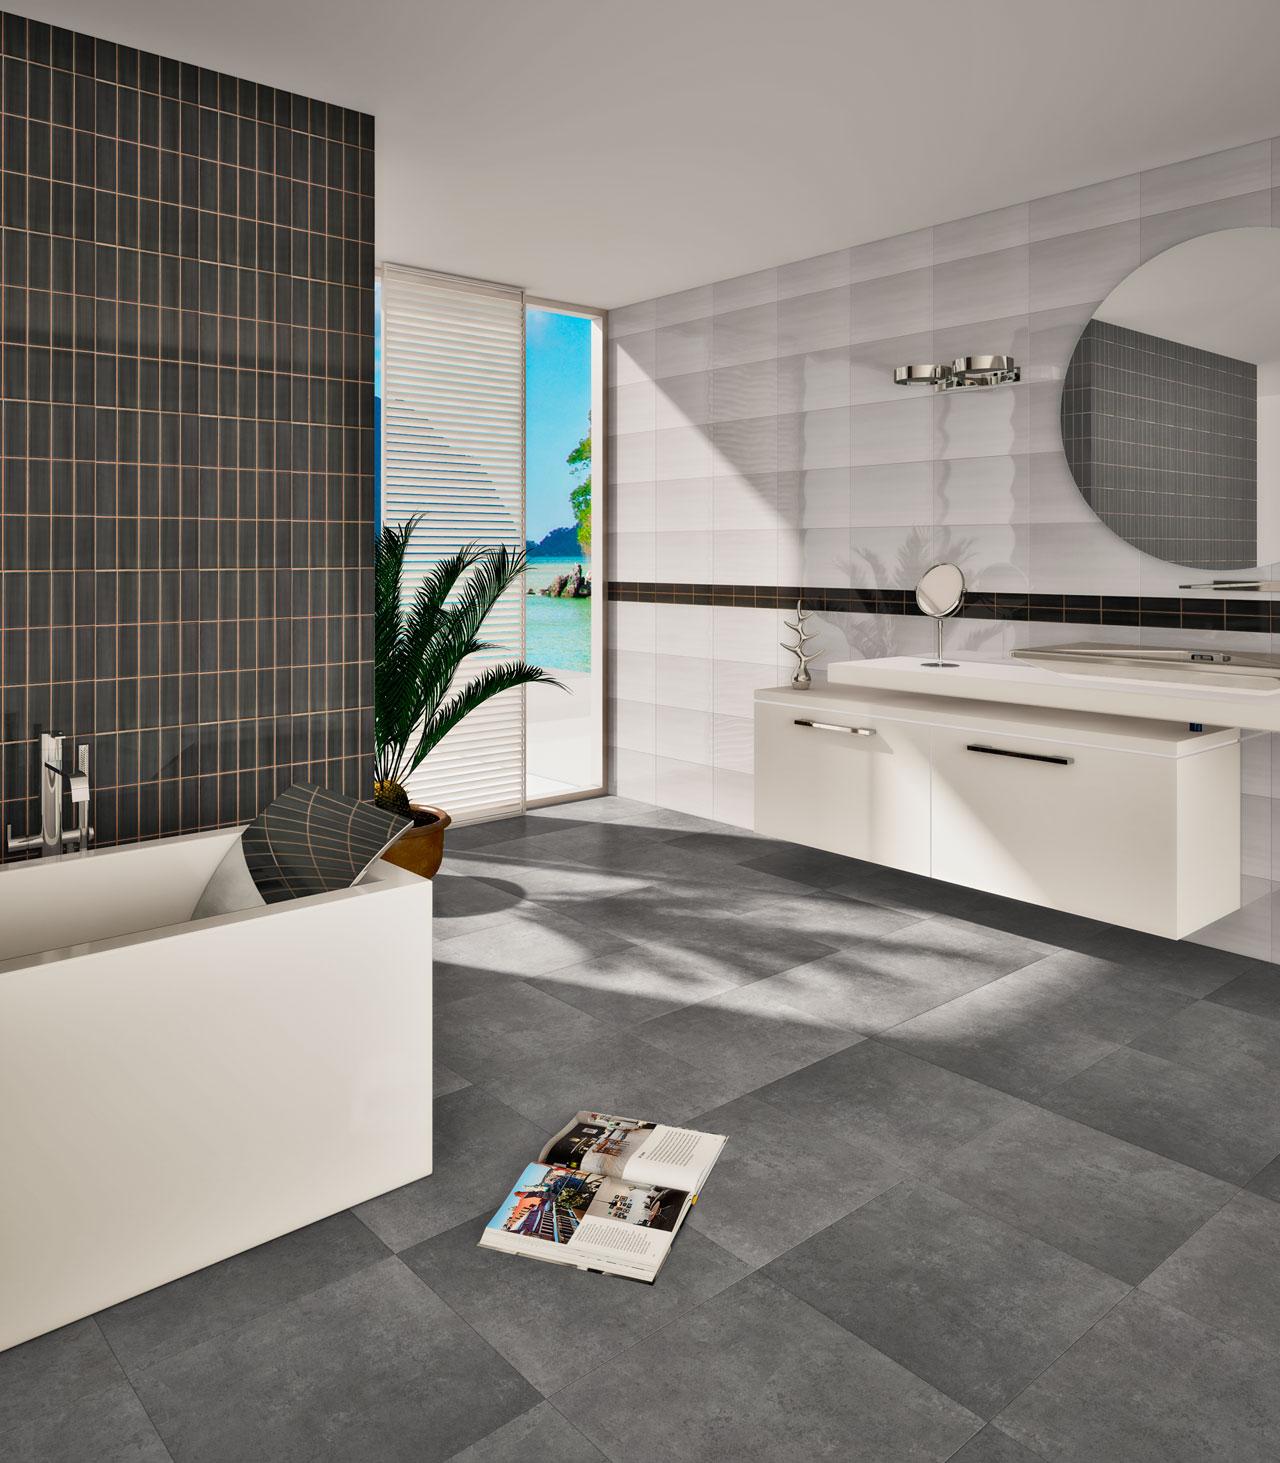 Imagen 3D de baño